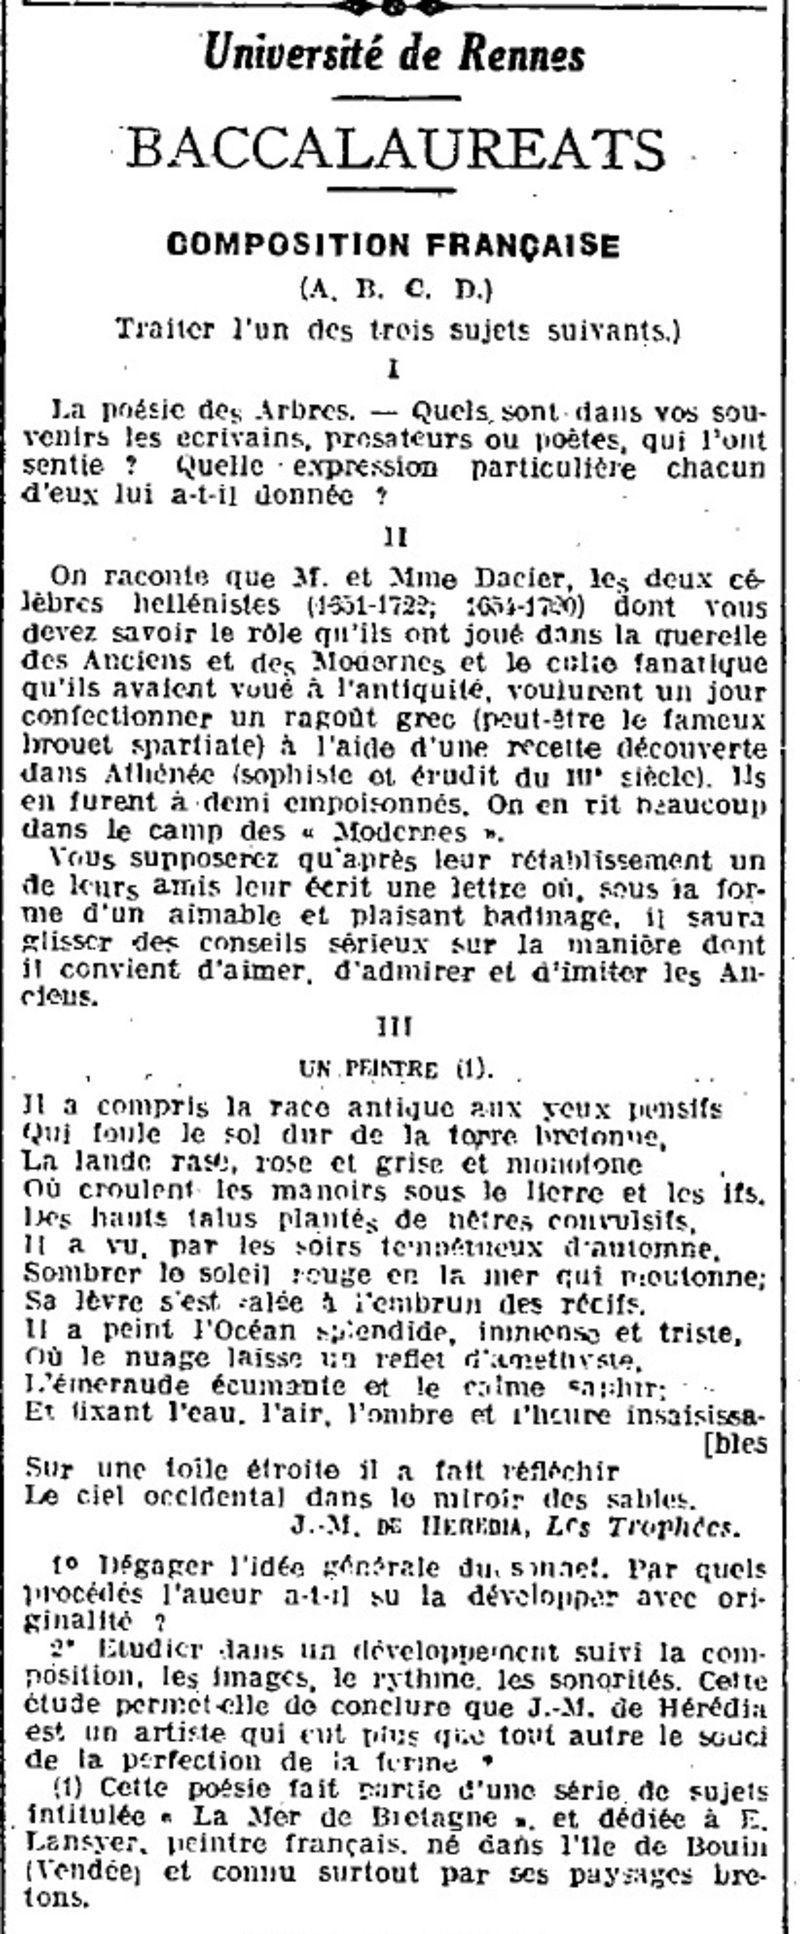 bac-francais-29-06-1923-oe.jpg